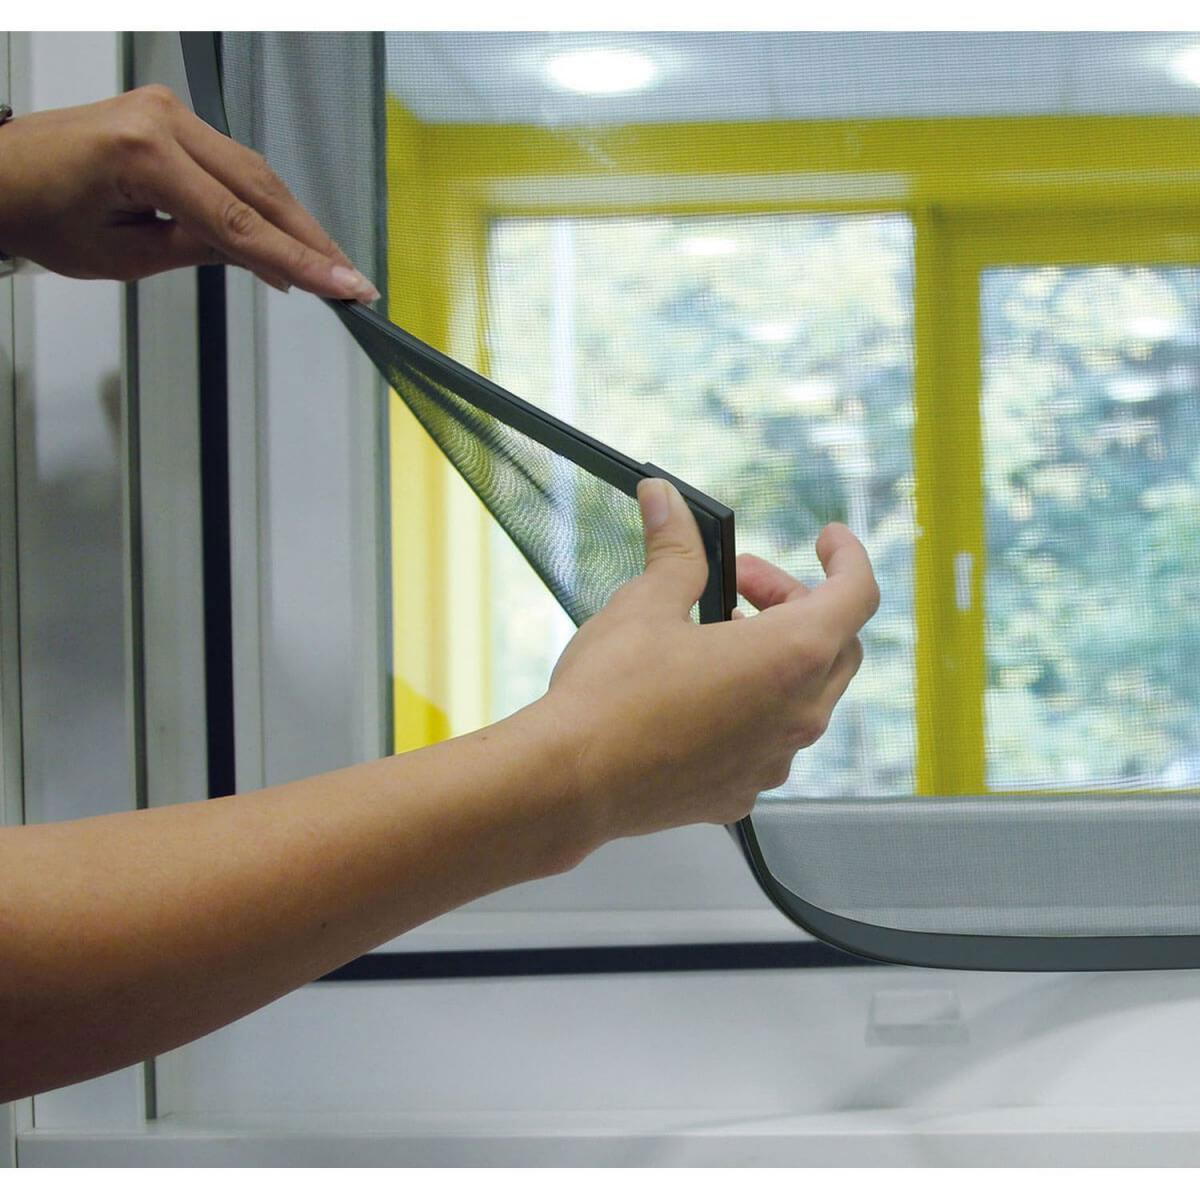 Full Size of Schellenberg Insektenschutz Magnetrahmen 100x120 Cm Magnettafel Küche Fliegengitter Fenster Maßanfertigung Für Wohnzimmer Fliegengitter Magnet